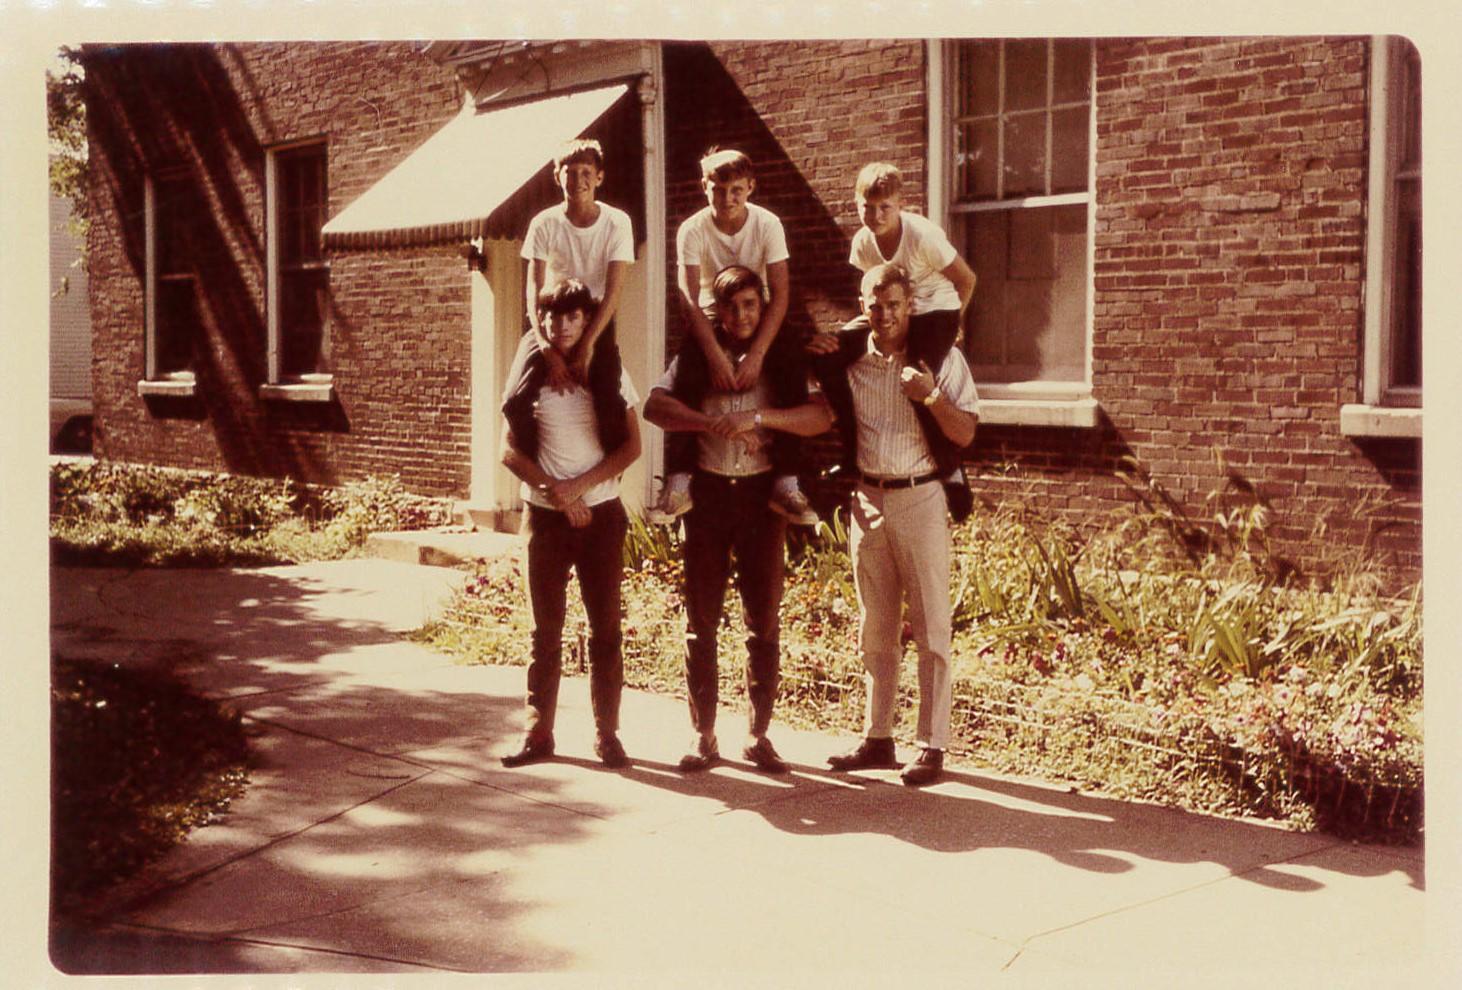 Teen boys_1980s